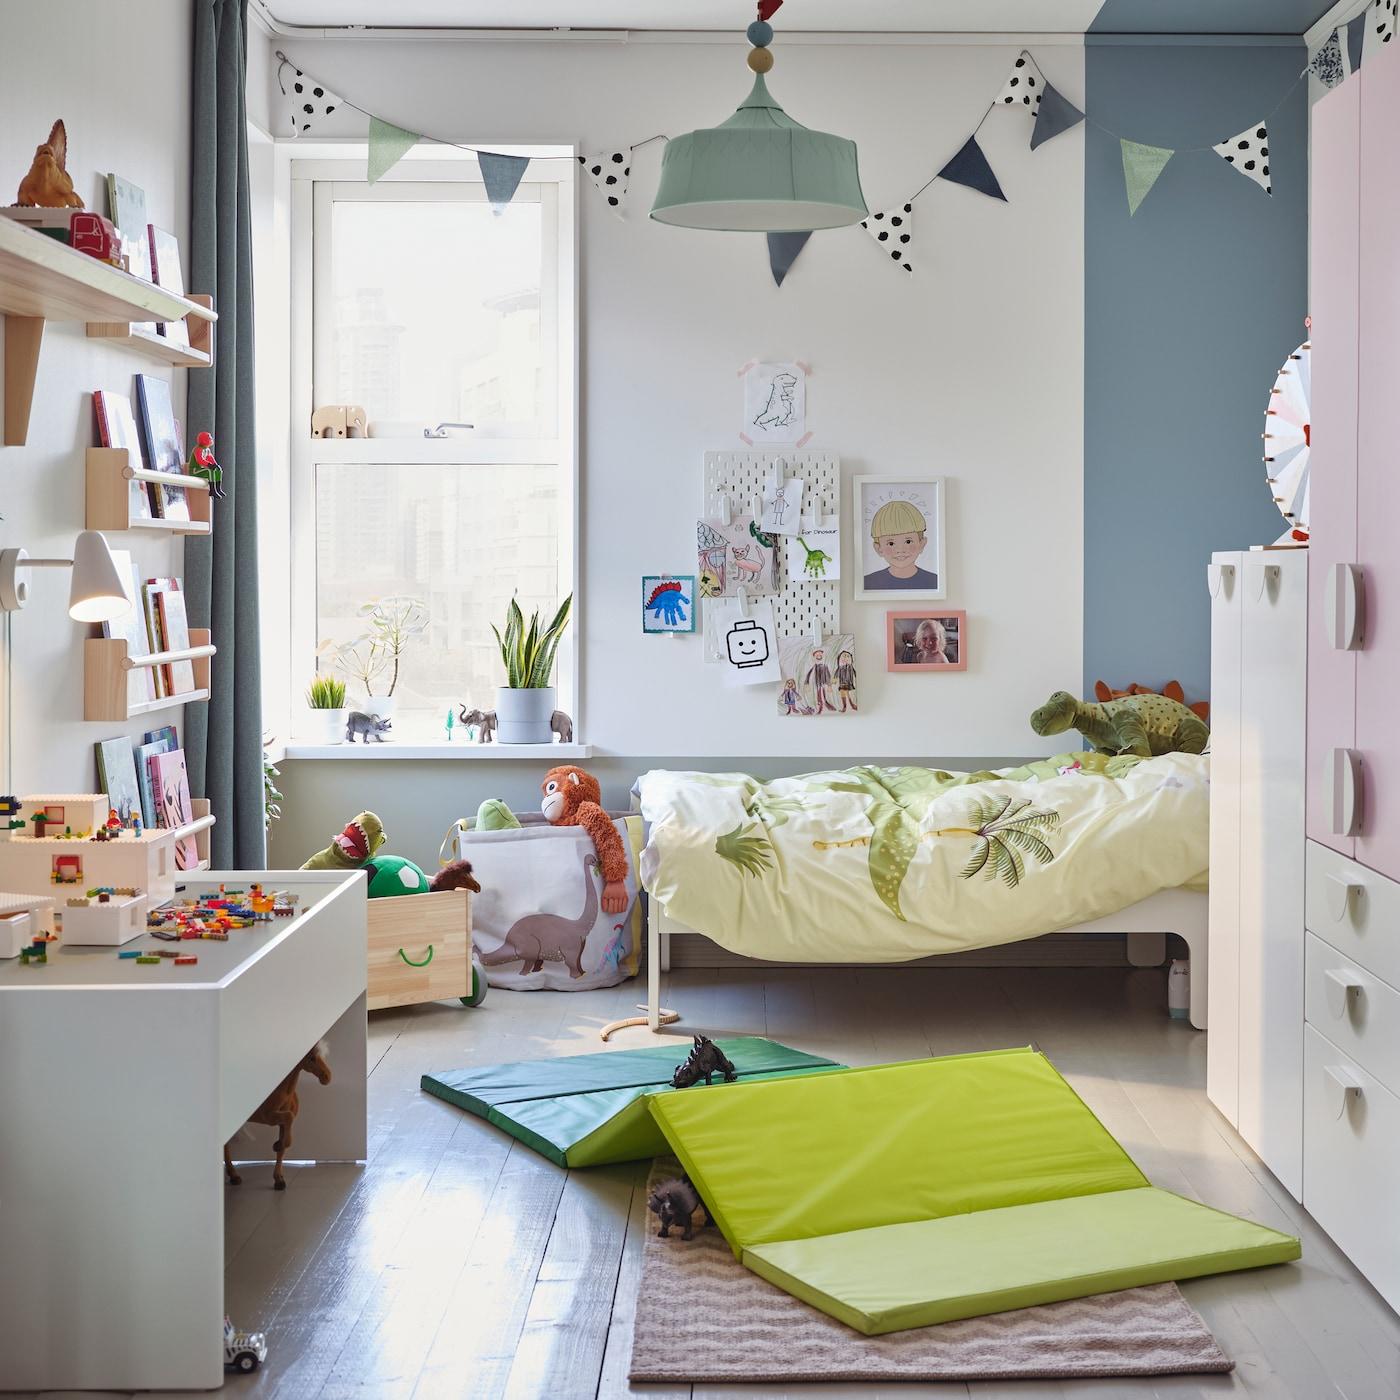 Pokój dziecięcy z szafą w kolorach białym i bladoróżowym, zieloną matą gimnastyczną na podłodze, białym stolikiem do zabaw i pluszowymi dinozaurami.